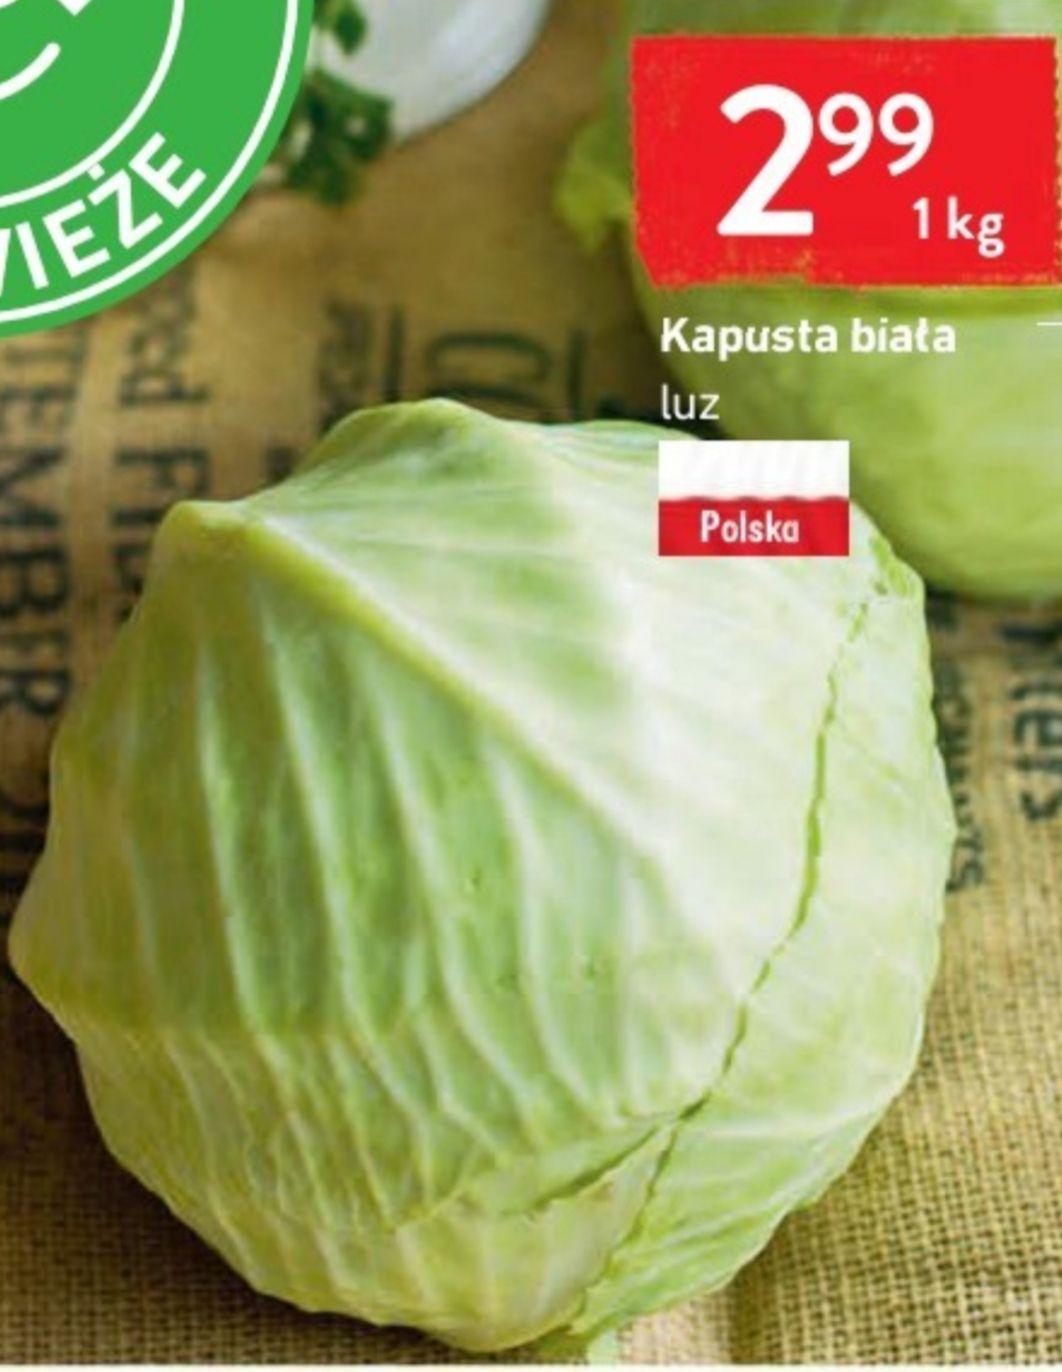 Kapusta Biała 2.99/1kg Intermarche